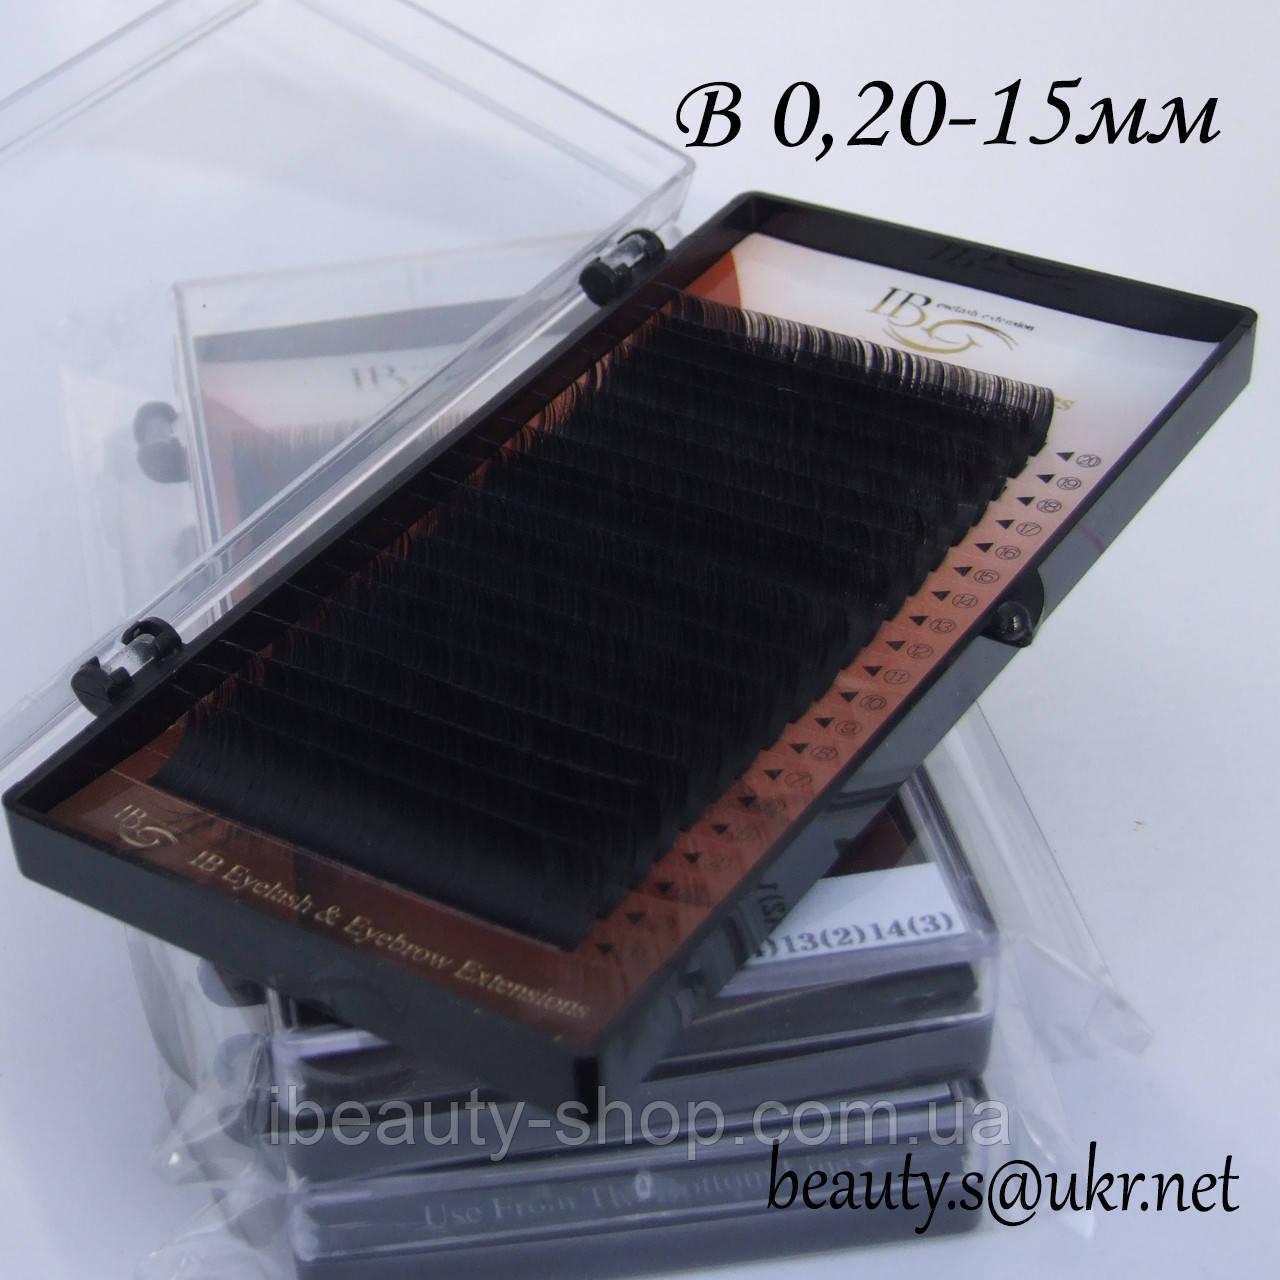 Ресницы I-Beauty на ленте B 0,20-15мм